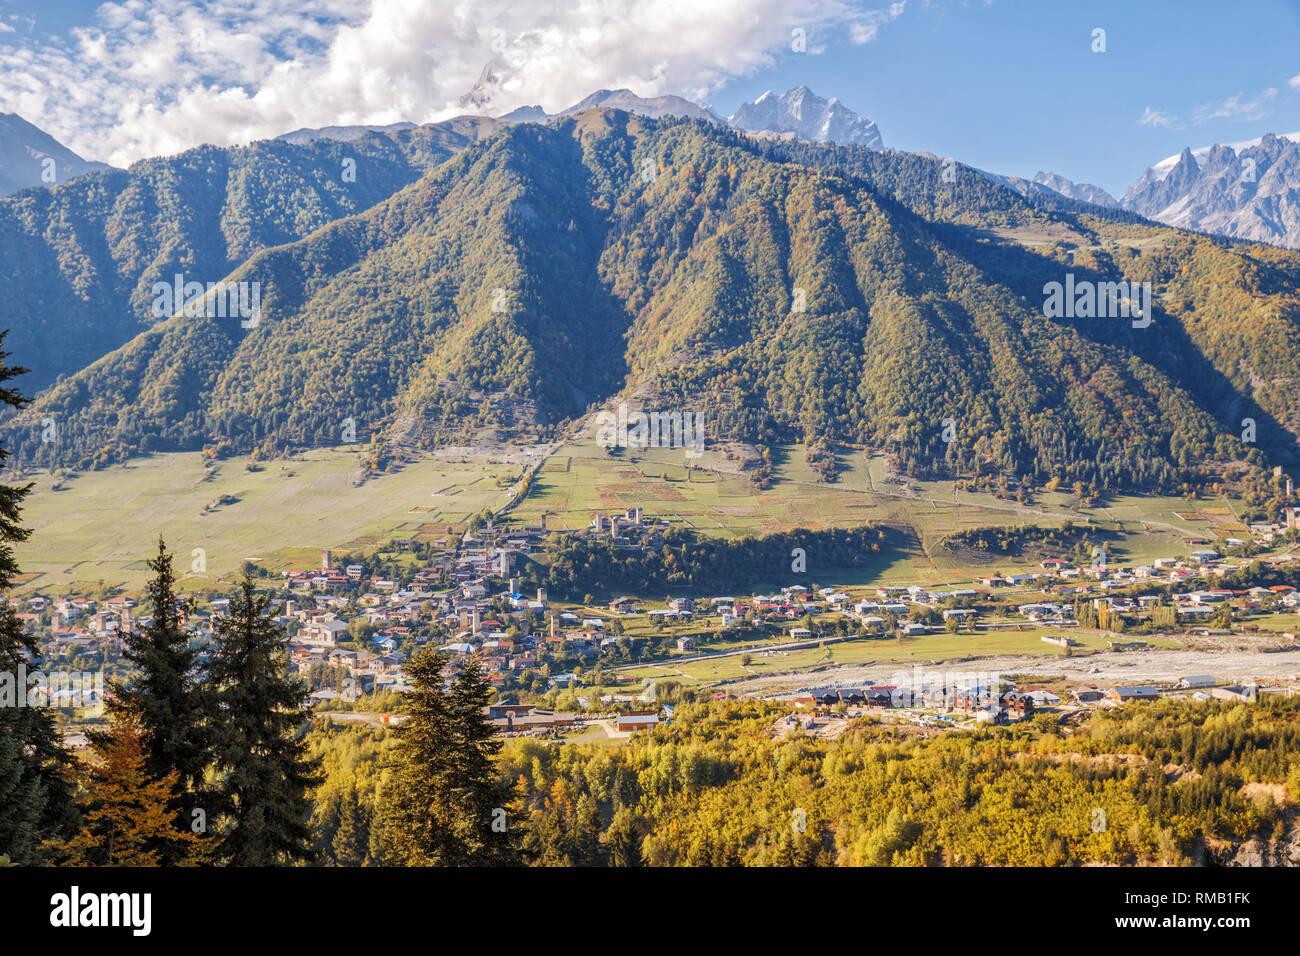 Portrait Paysage, vue aérienne de la ville Mestia en vallée de montagne Haut Svaneti, Géorgie Banque D'Images